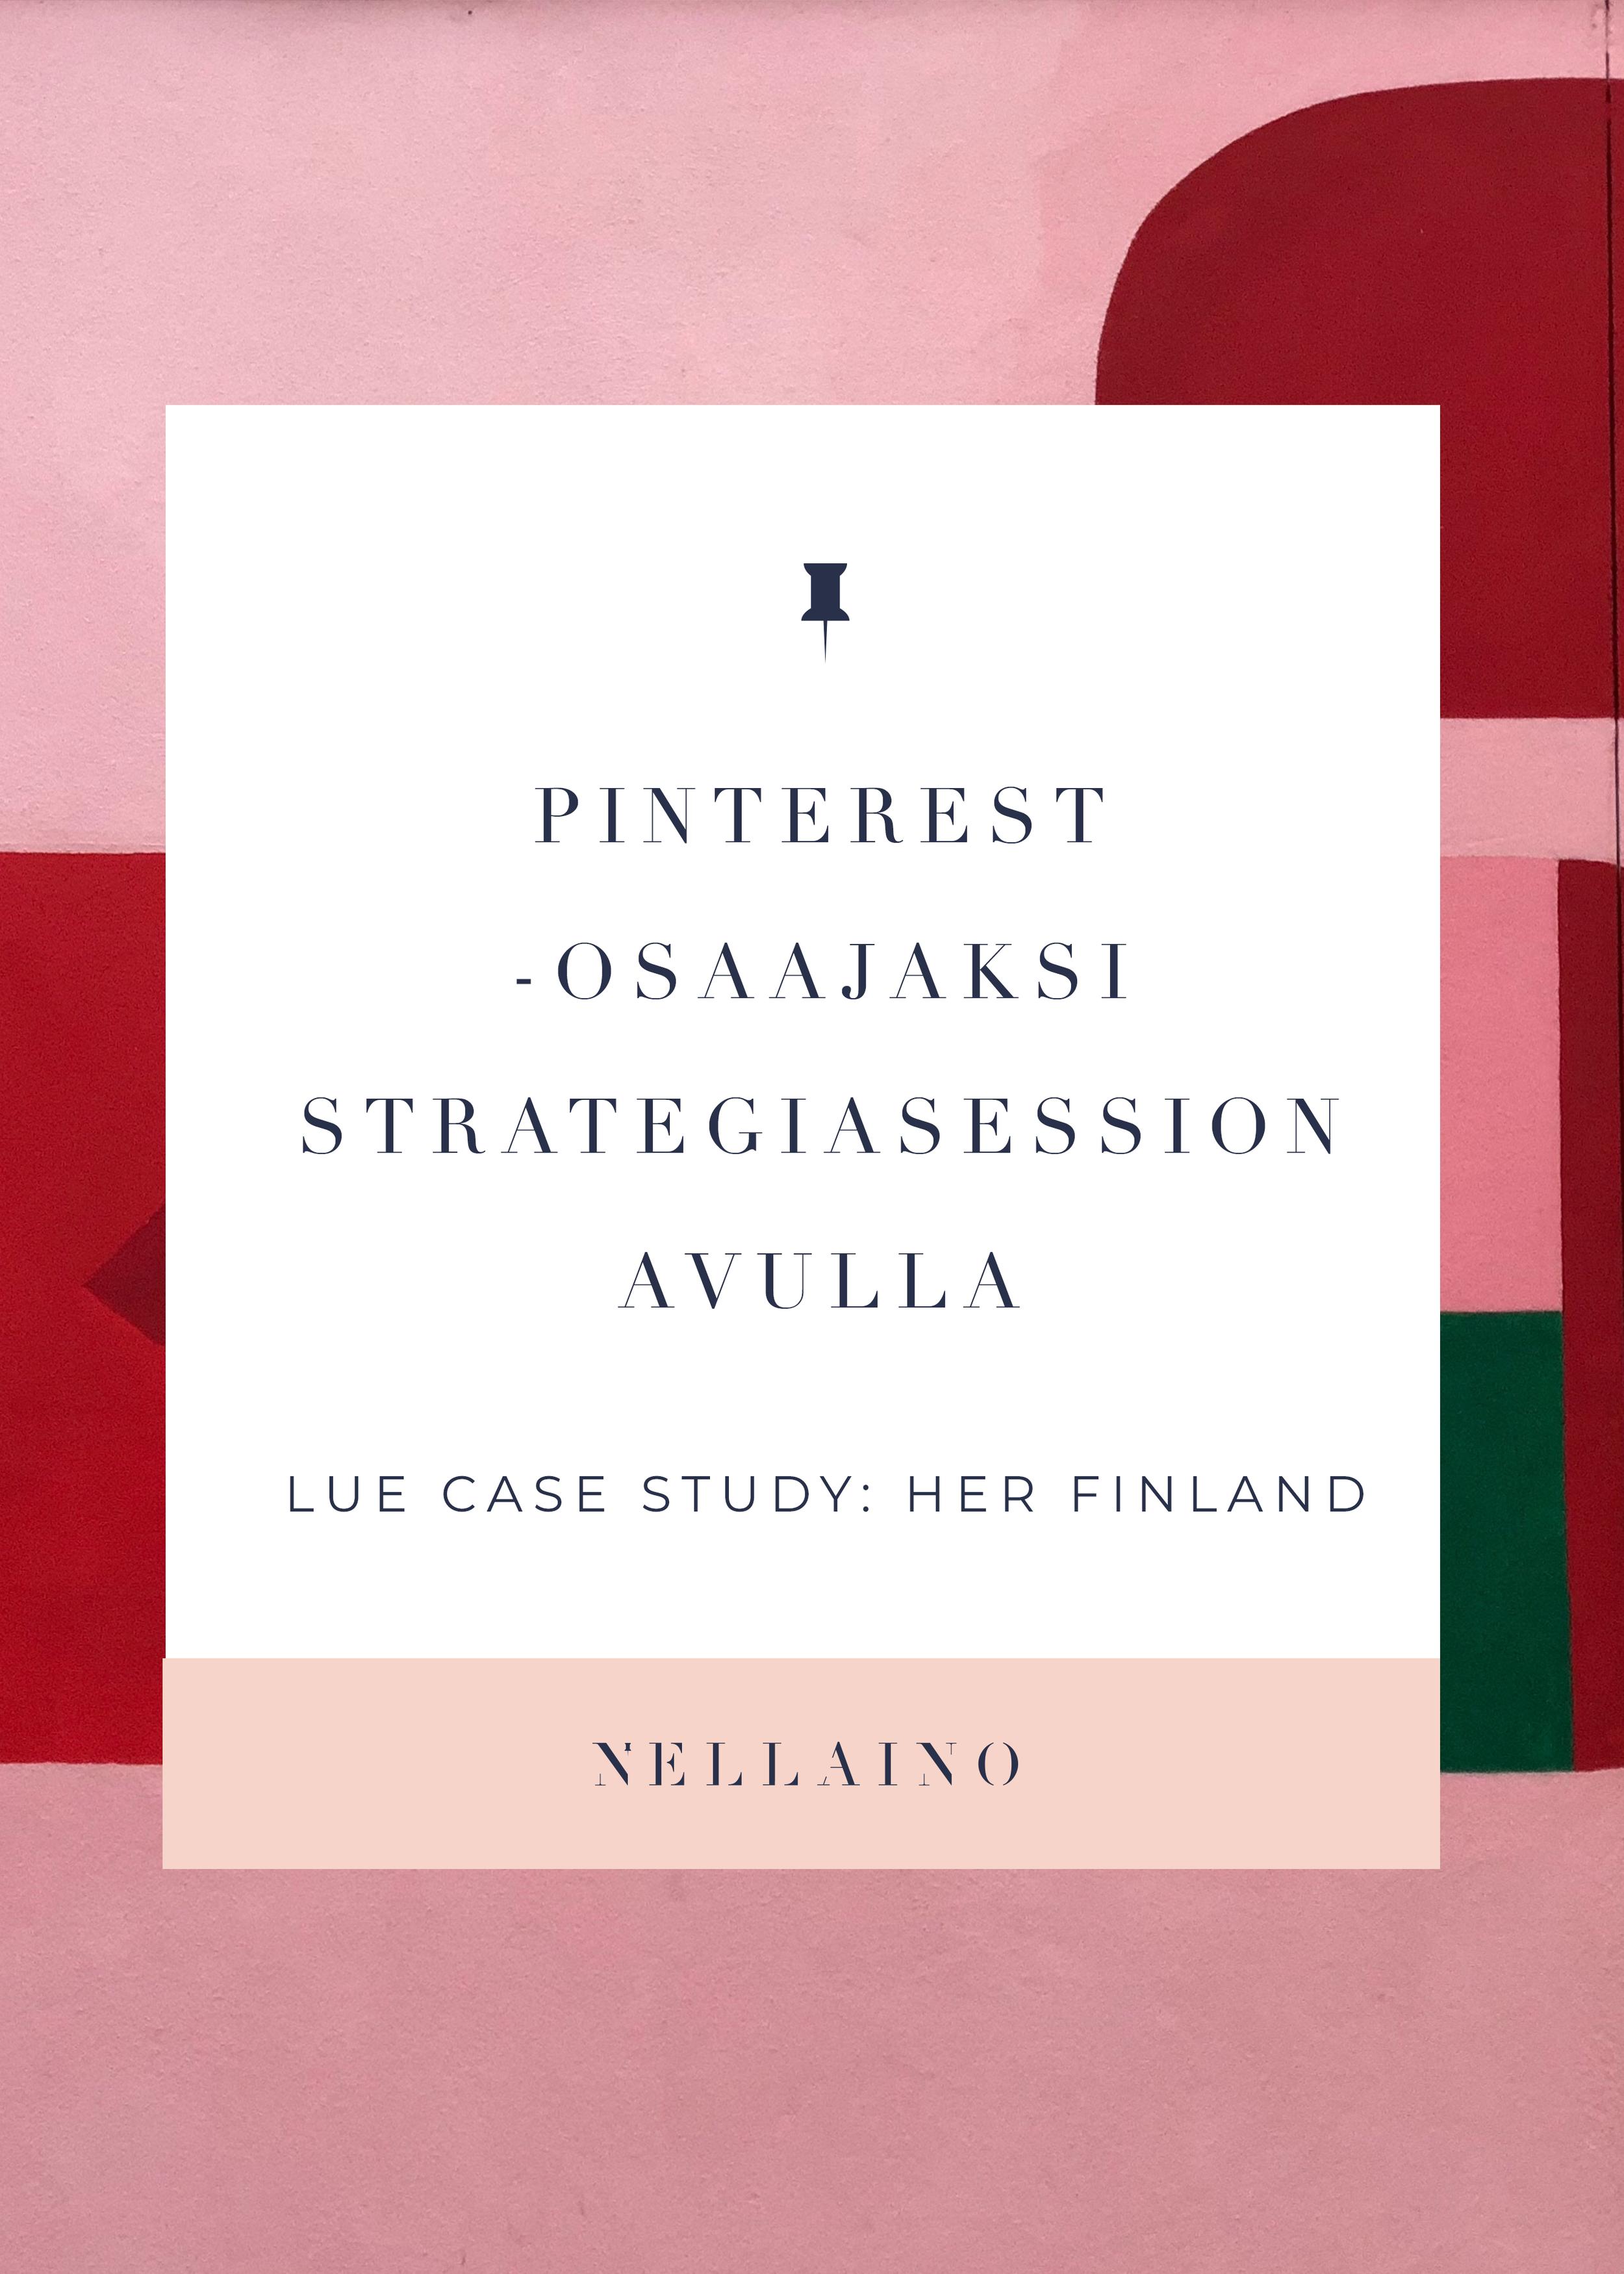 Pinterest-osaajaksi Nellainon strategiasessioiden avulla www.nellaino.com/suomeksi